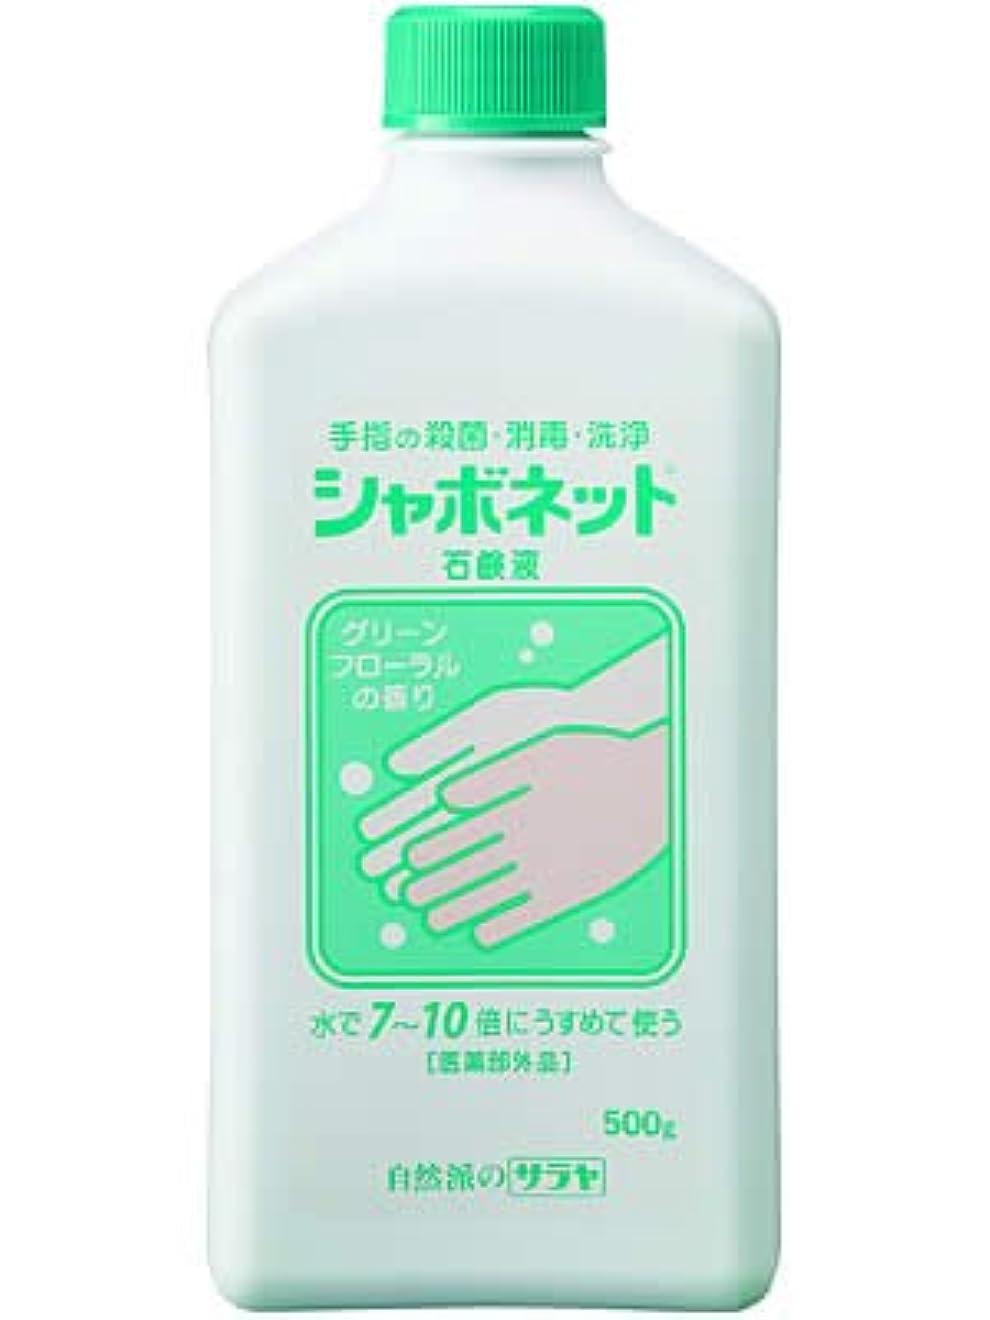 コミュニケーションリッチセーターシャボネット 石鹸液 500g ×5個セット